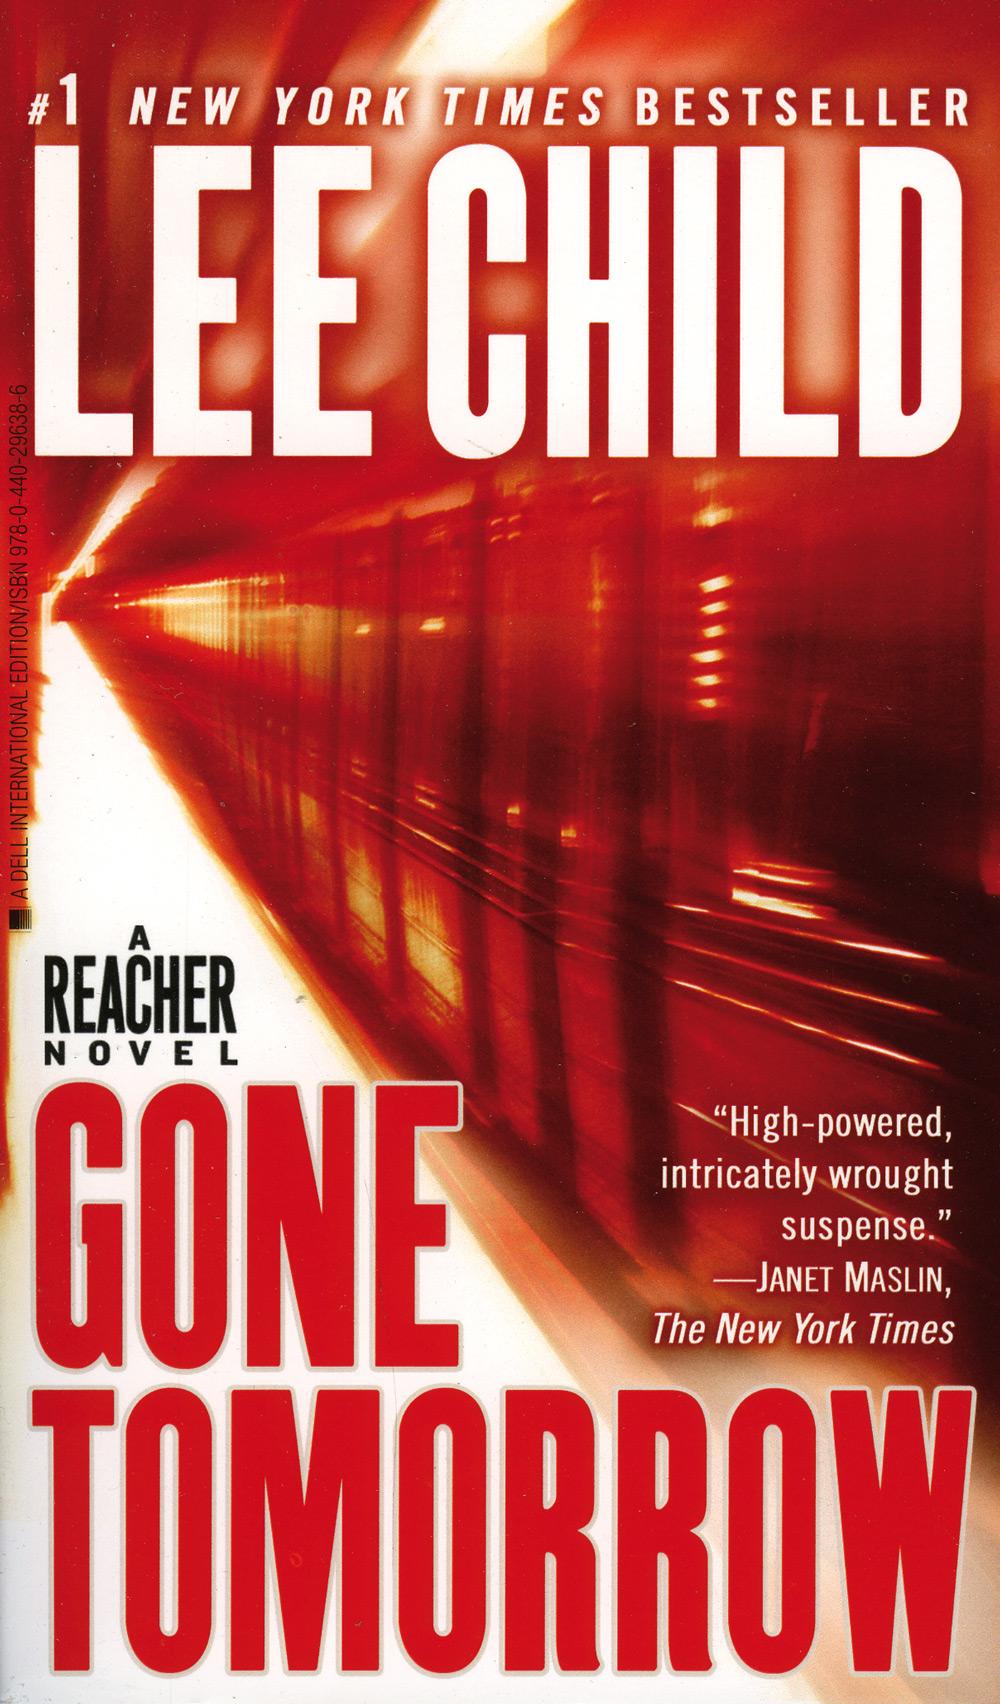 Gone Tomorrow av Lee Child